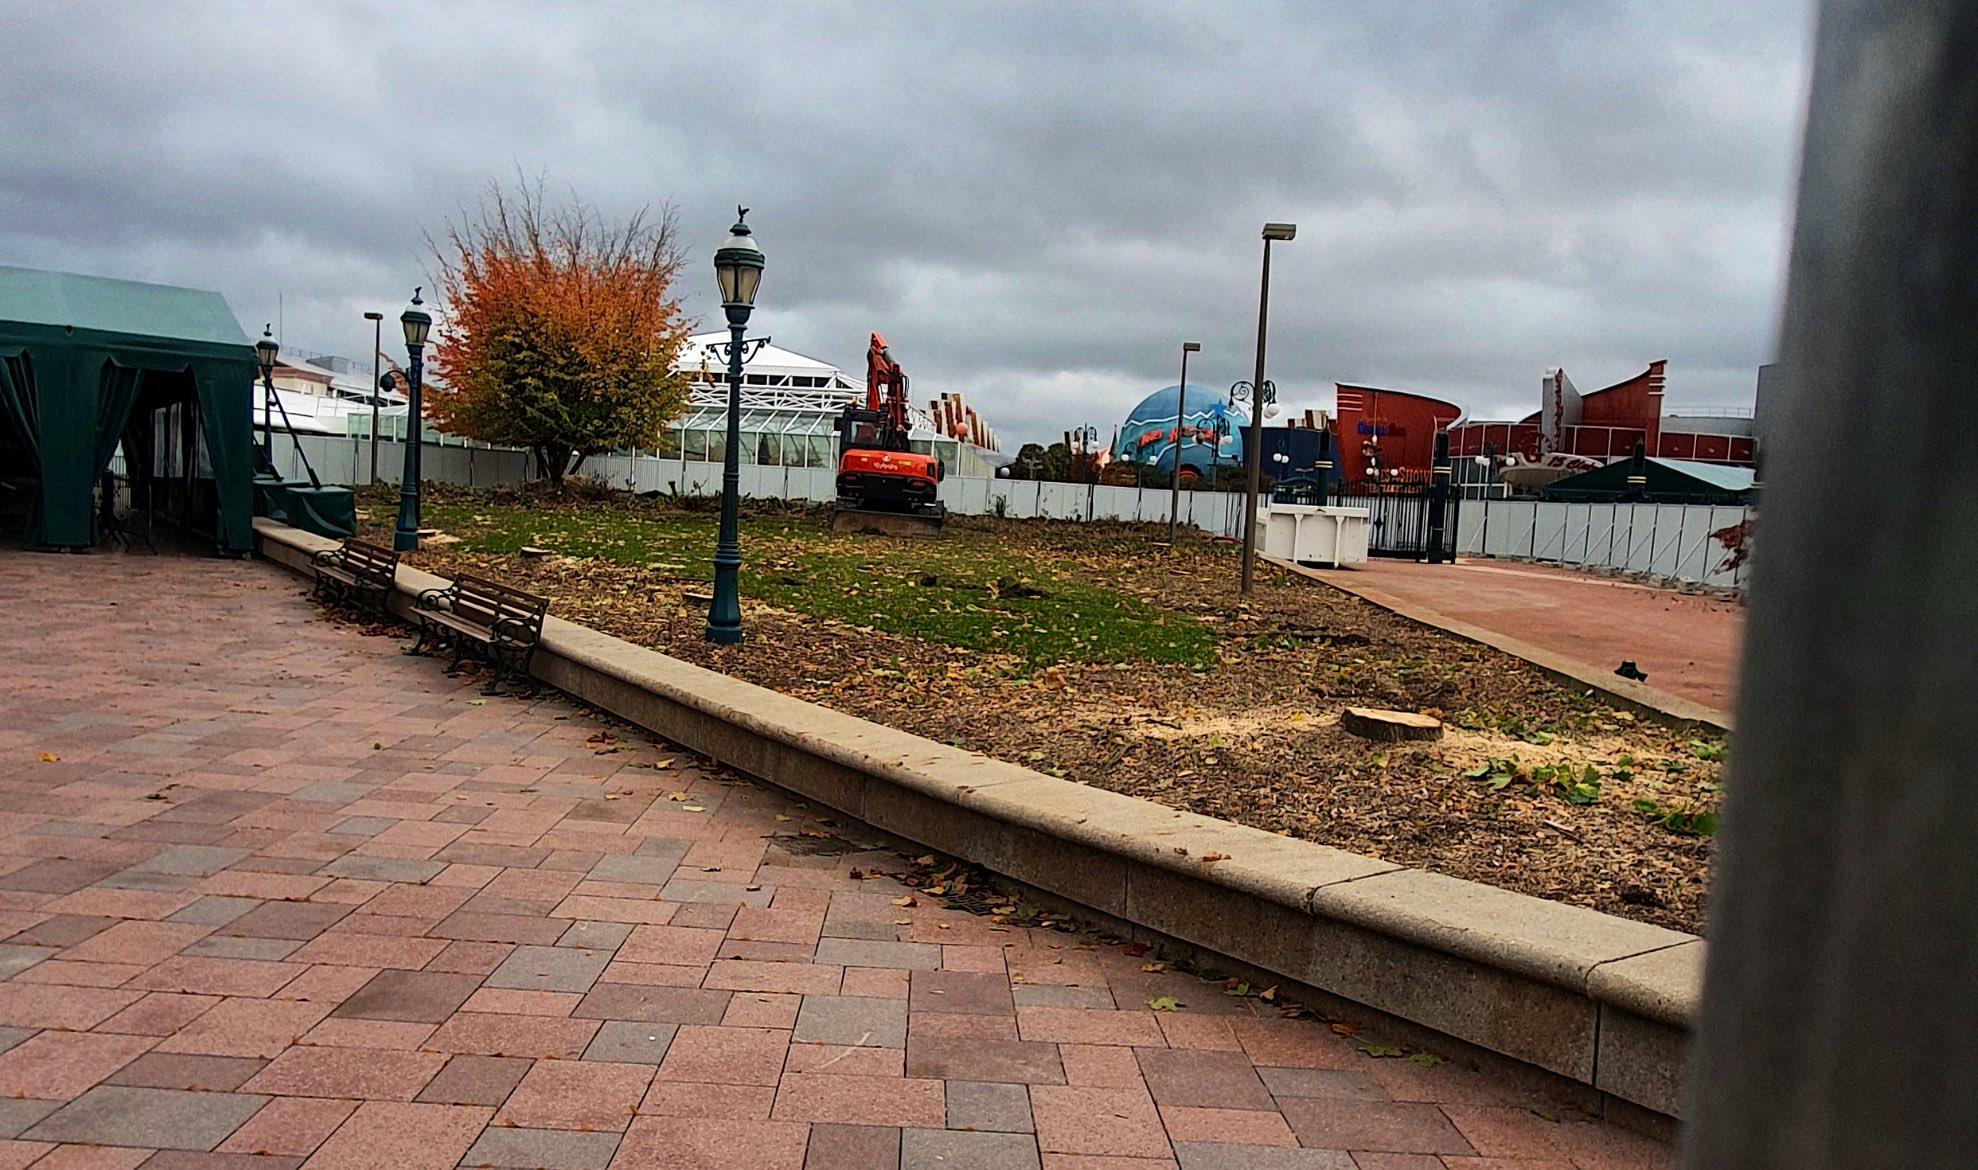 Esplanade : Nouvel Aménagement entre les Parcs, la Gare et DV - Page 20 ElGD08gWAAAuIPc?format=jpg&name=large